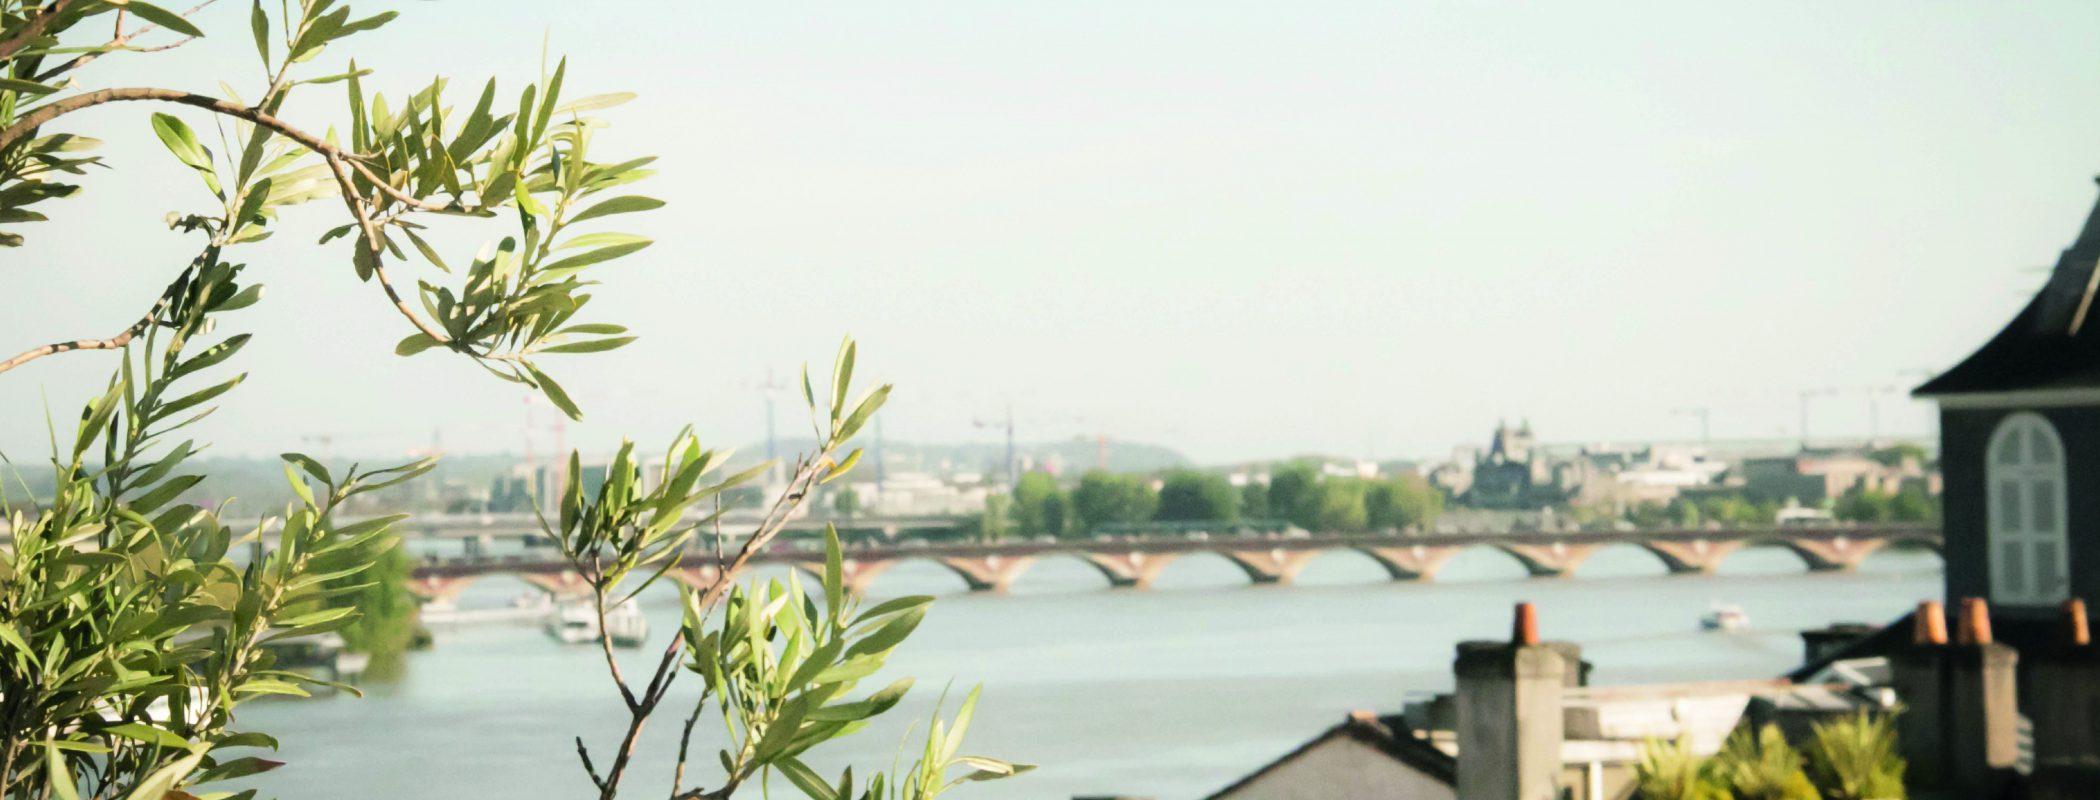 Vente de Bordeaux